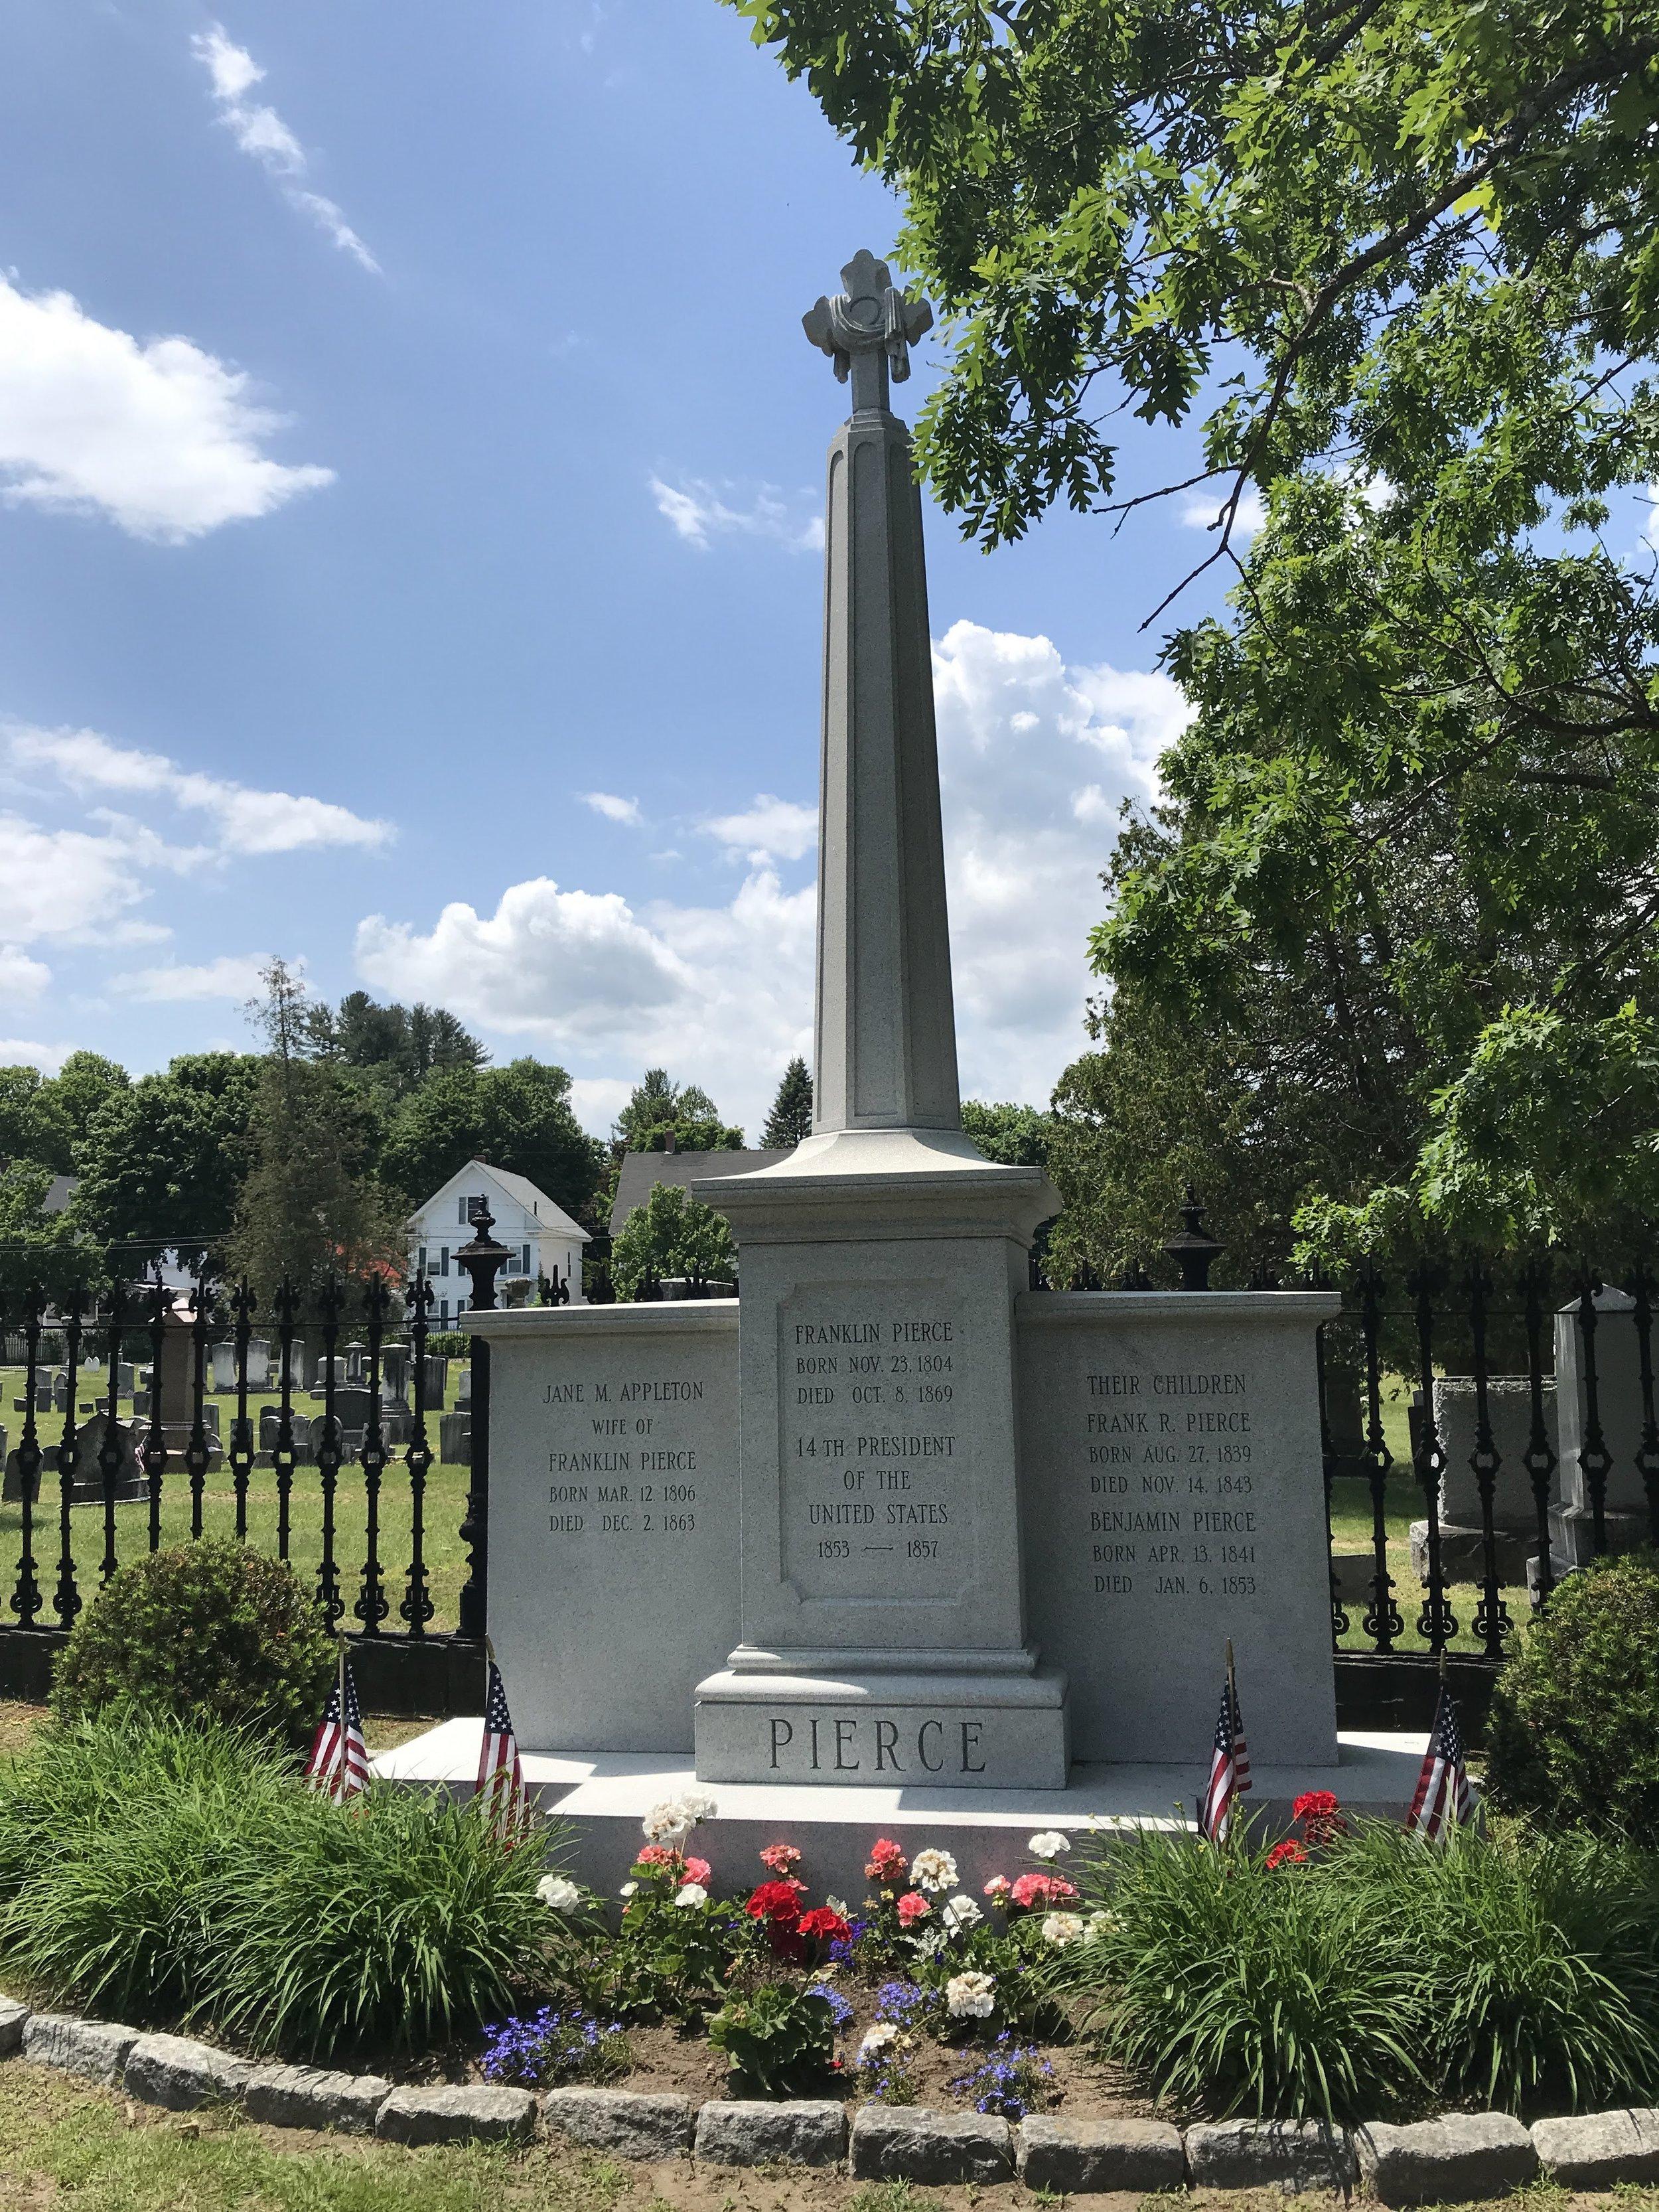 Franklin Pierce's grave site